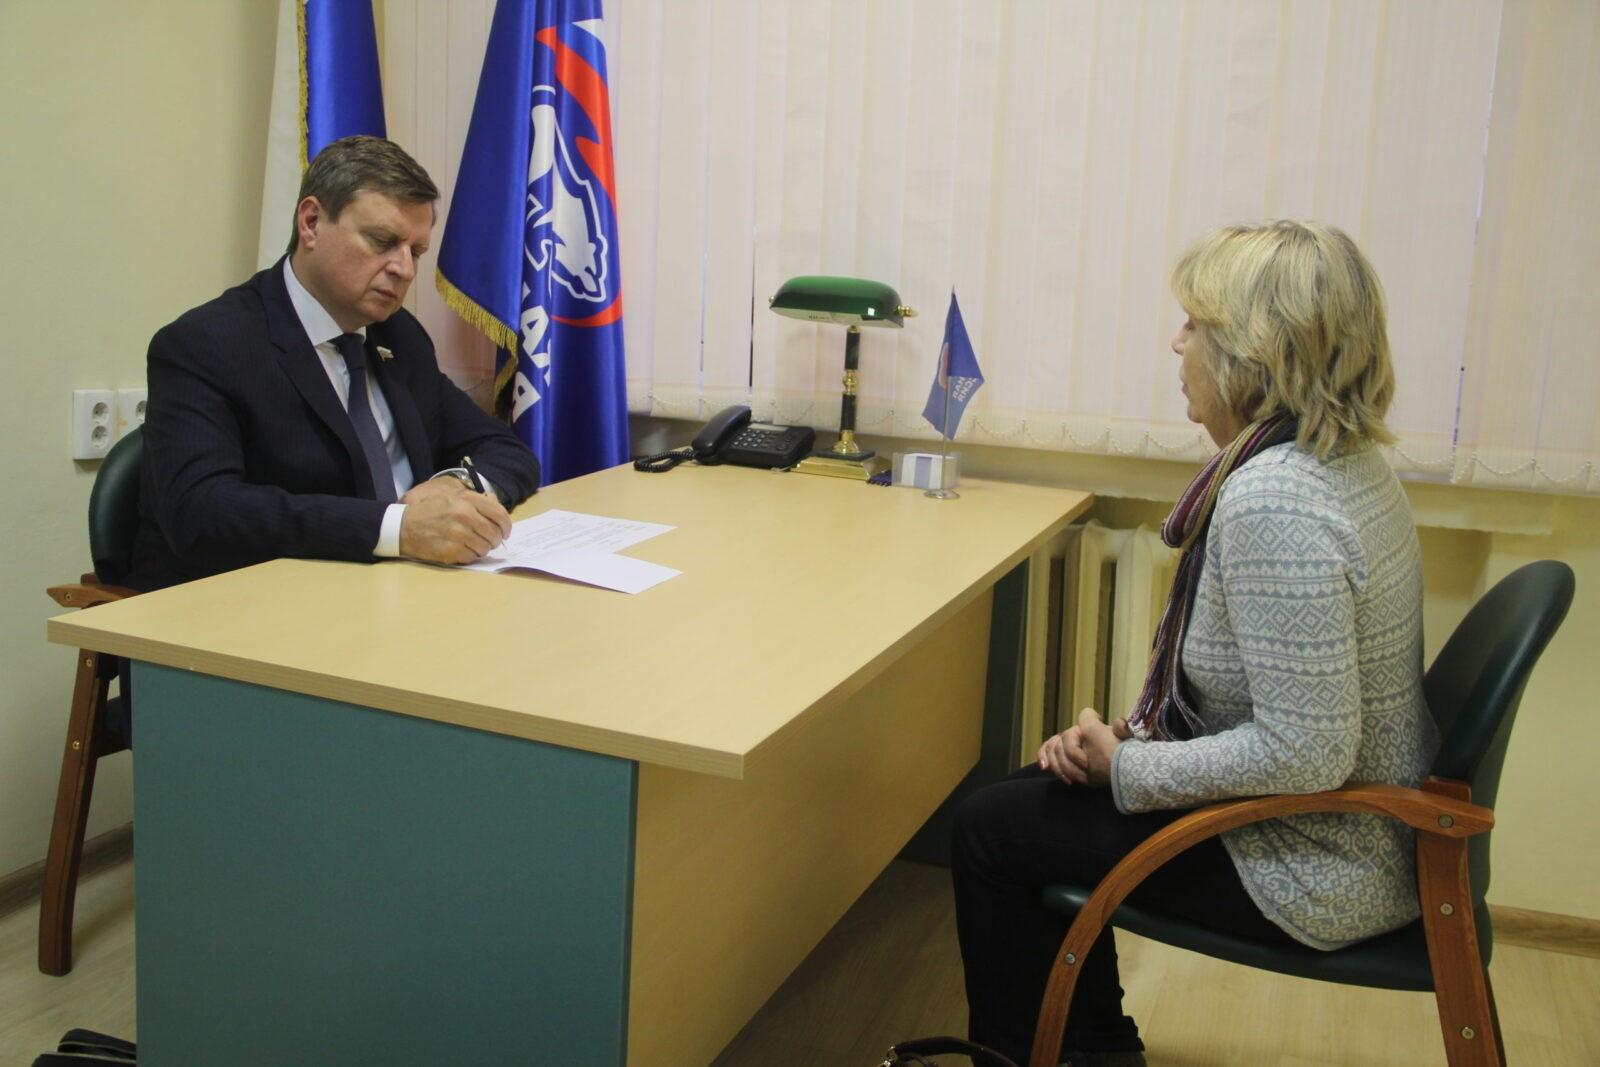 Андрей Епишин: Ни одно обращение не должно оставаться без внимания